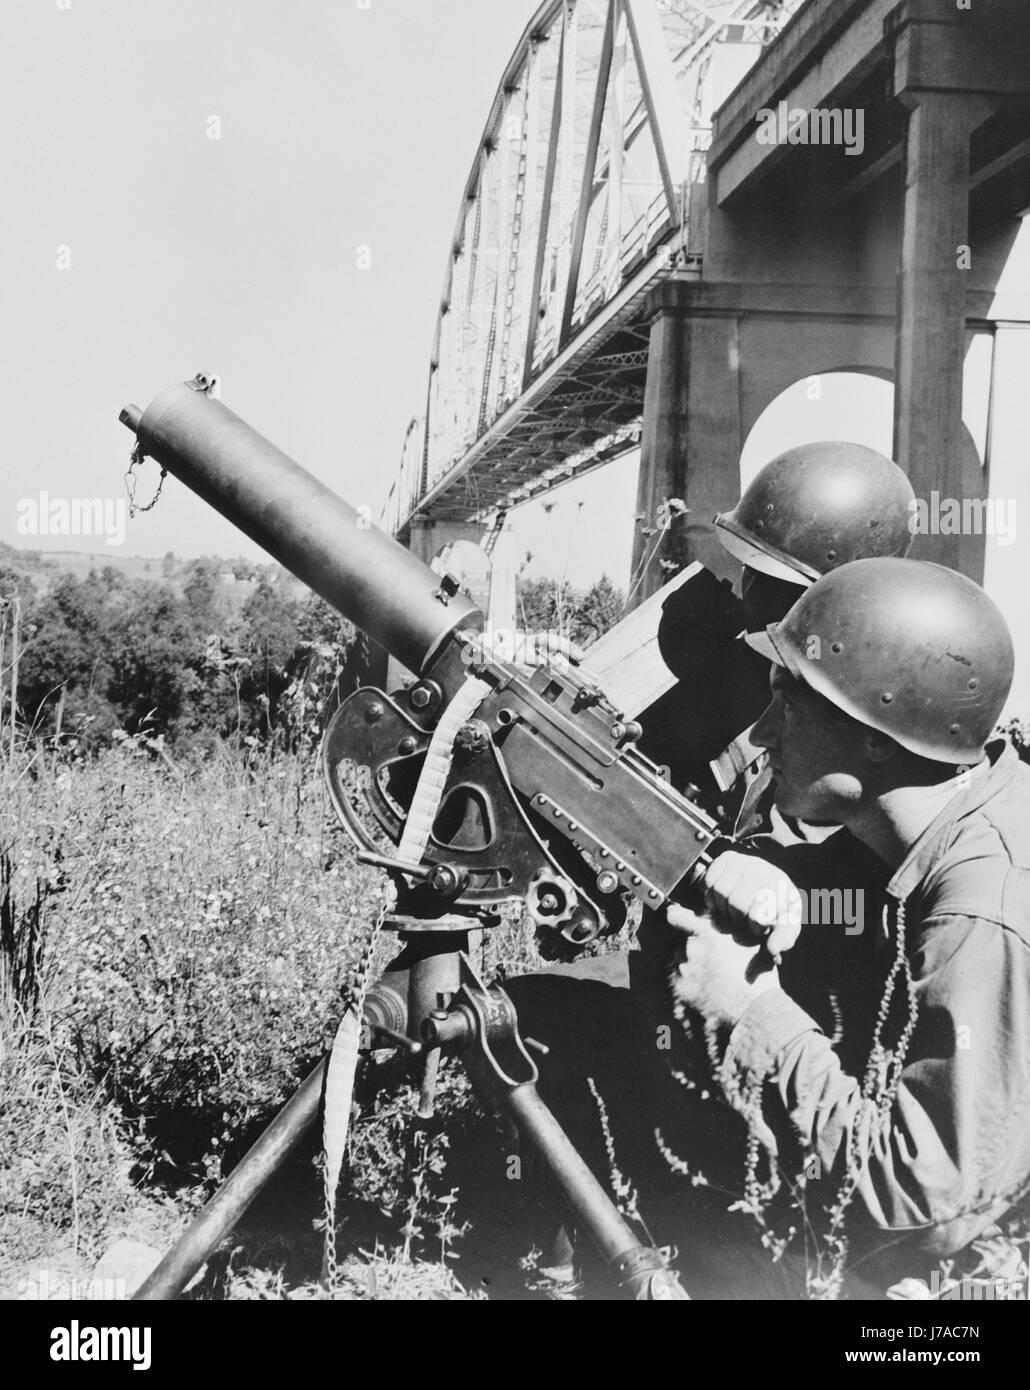 Amerikanische Soldaten mit ihren schweren Maschinengewehr-Waffe, ca. 1942. Stockbild